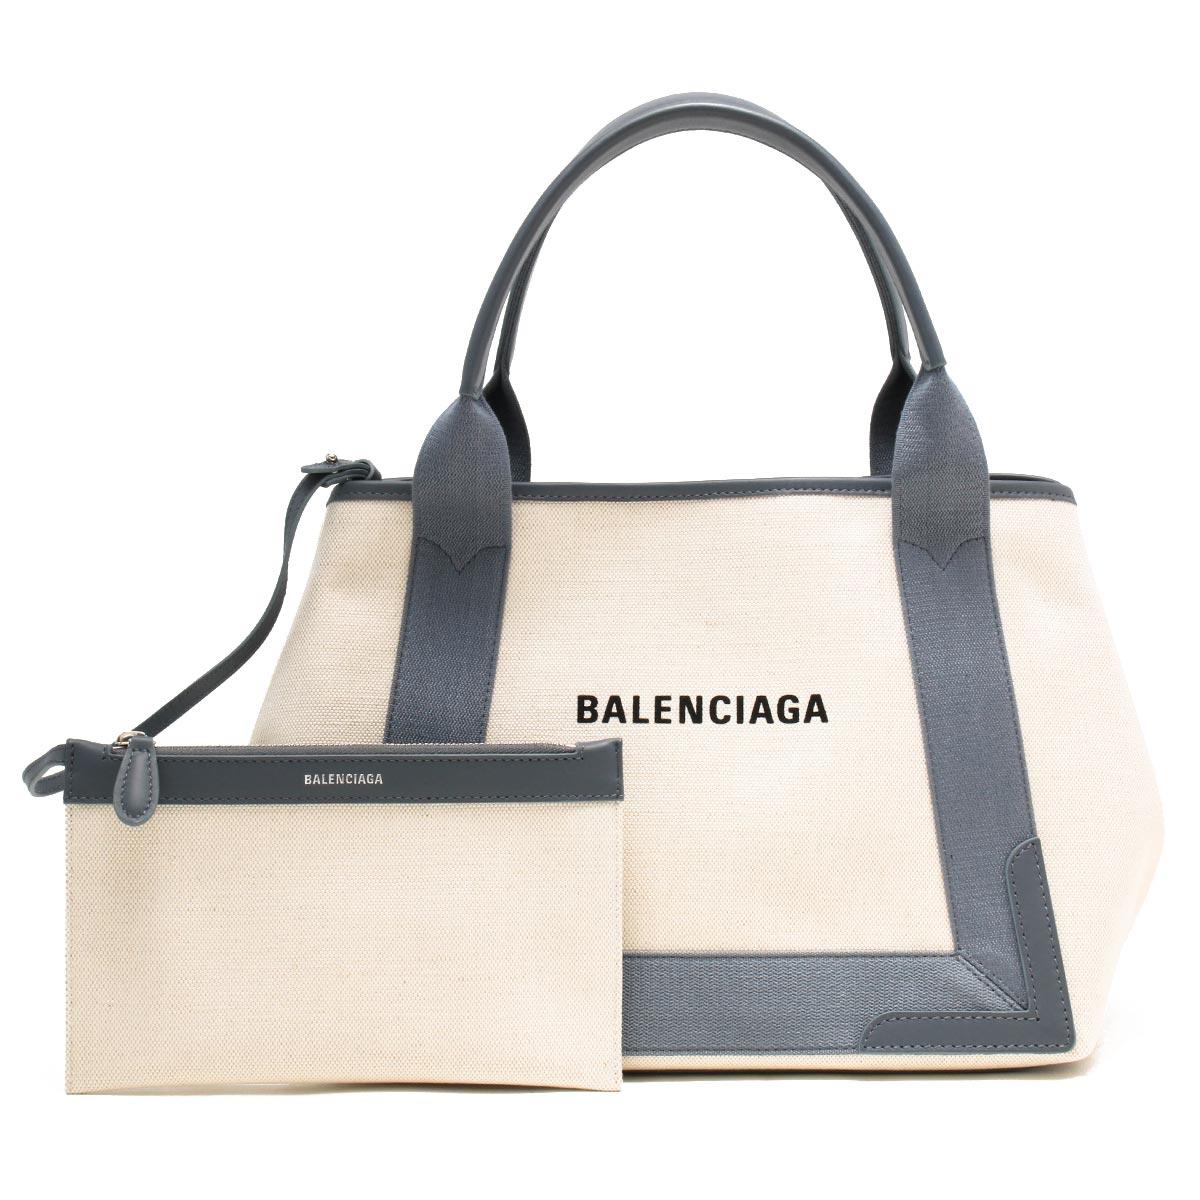 バレンシアガ トートバッグ バッグ レディース ネイビーカバス S ナチュラル&グレー 339933 AQ38N 1381 BALENCIAGA バーゲン